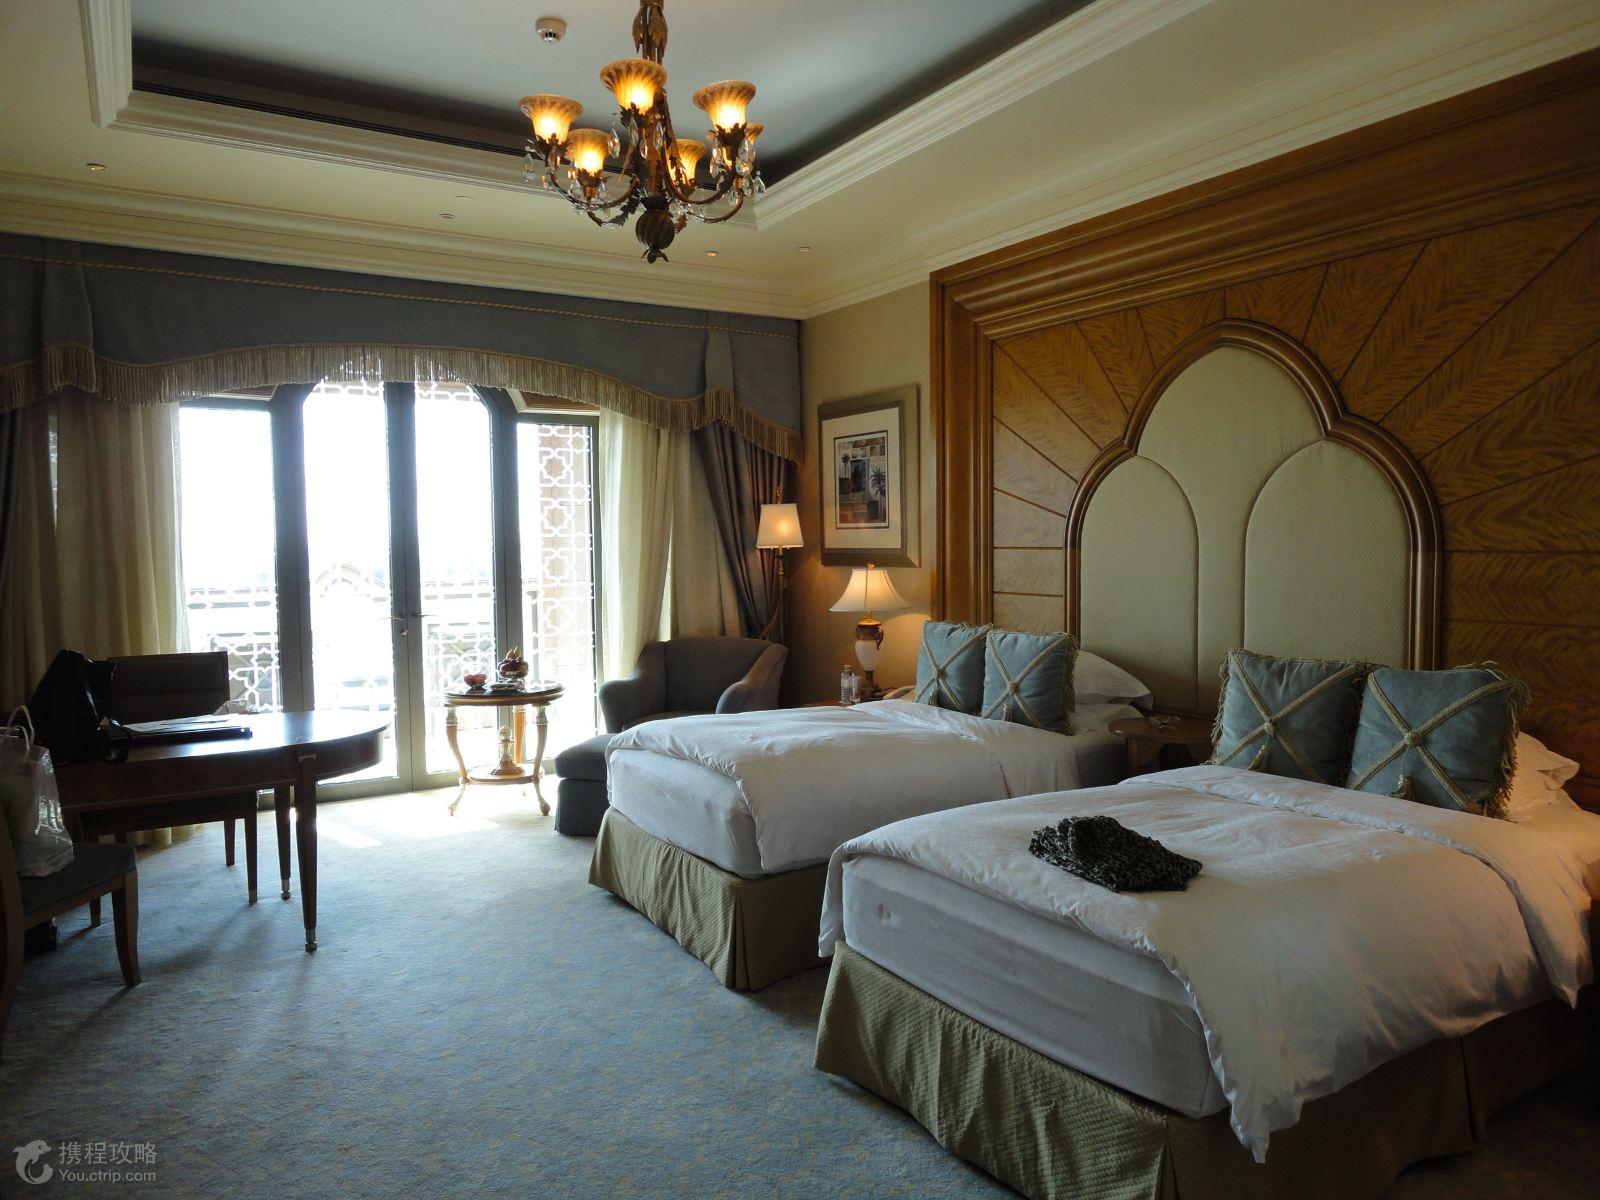 阿联酋阿布扎比+迪拜帆船酒店6日4晚跟团游·帆船